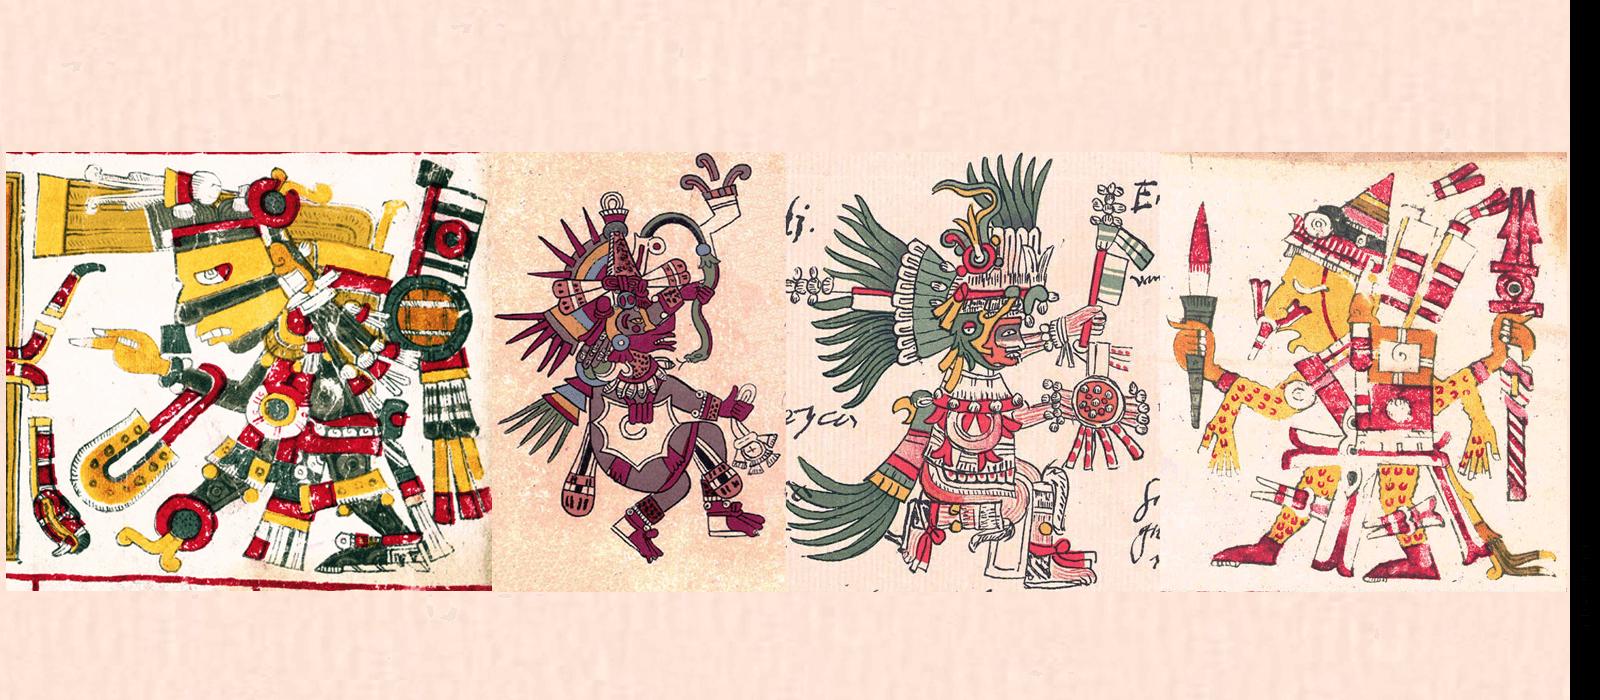 The Aztec Gods Tezcatlipoca, Quetzalcoatl, Huitzilopochtli, and Xipe Totek, as depicted in the Codex Telleriano Remensis.